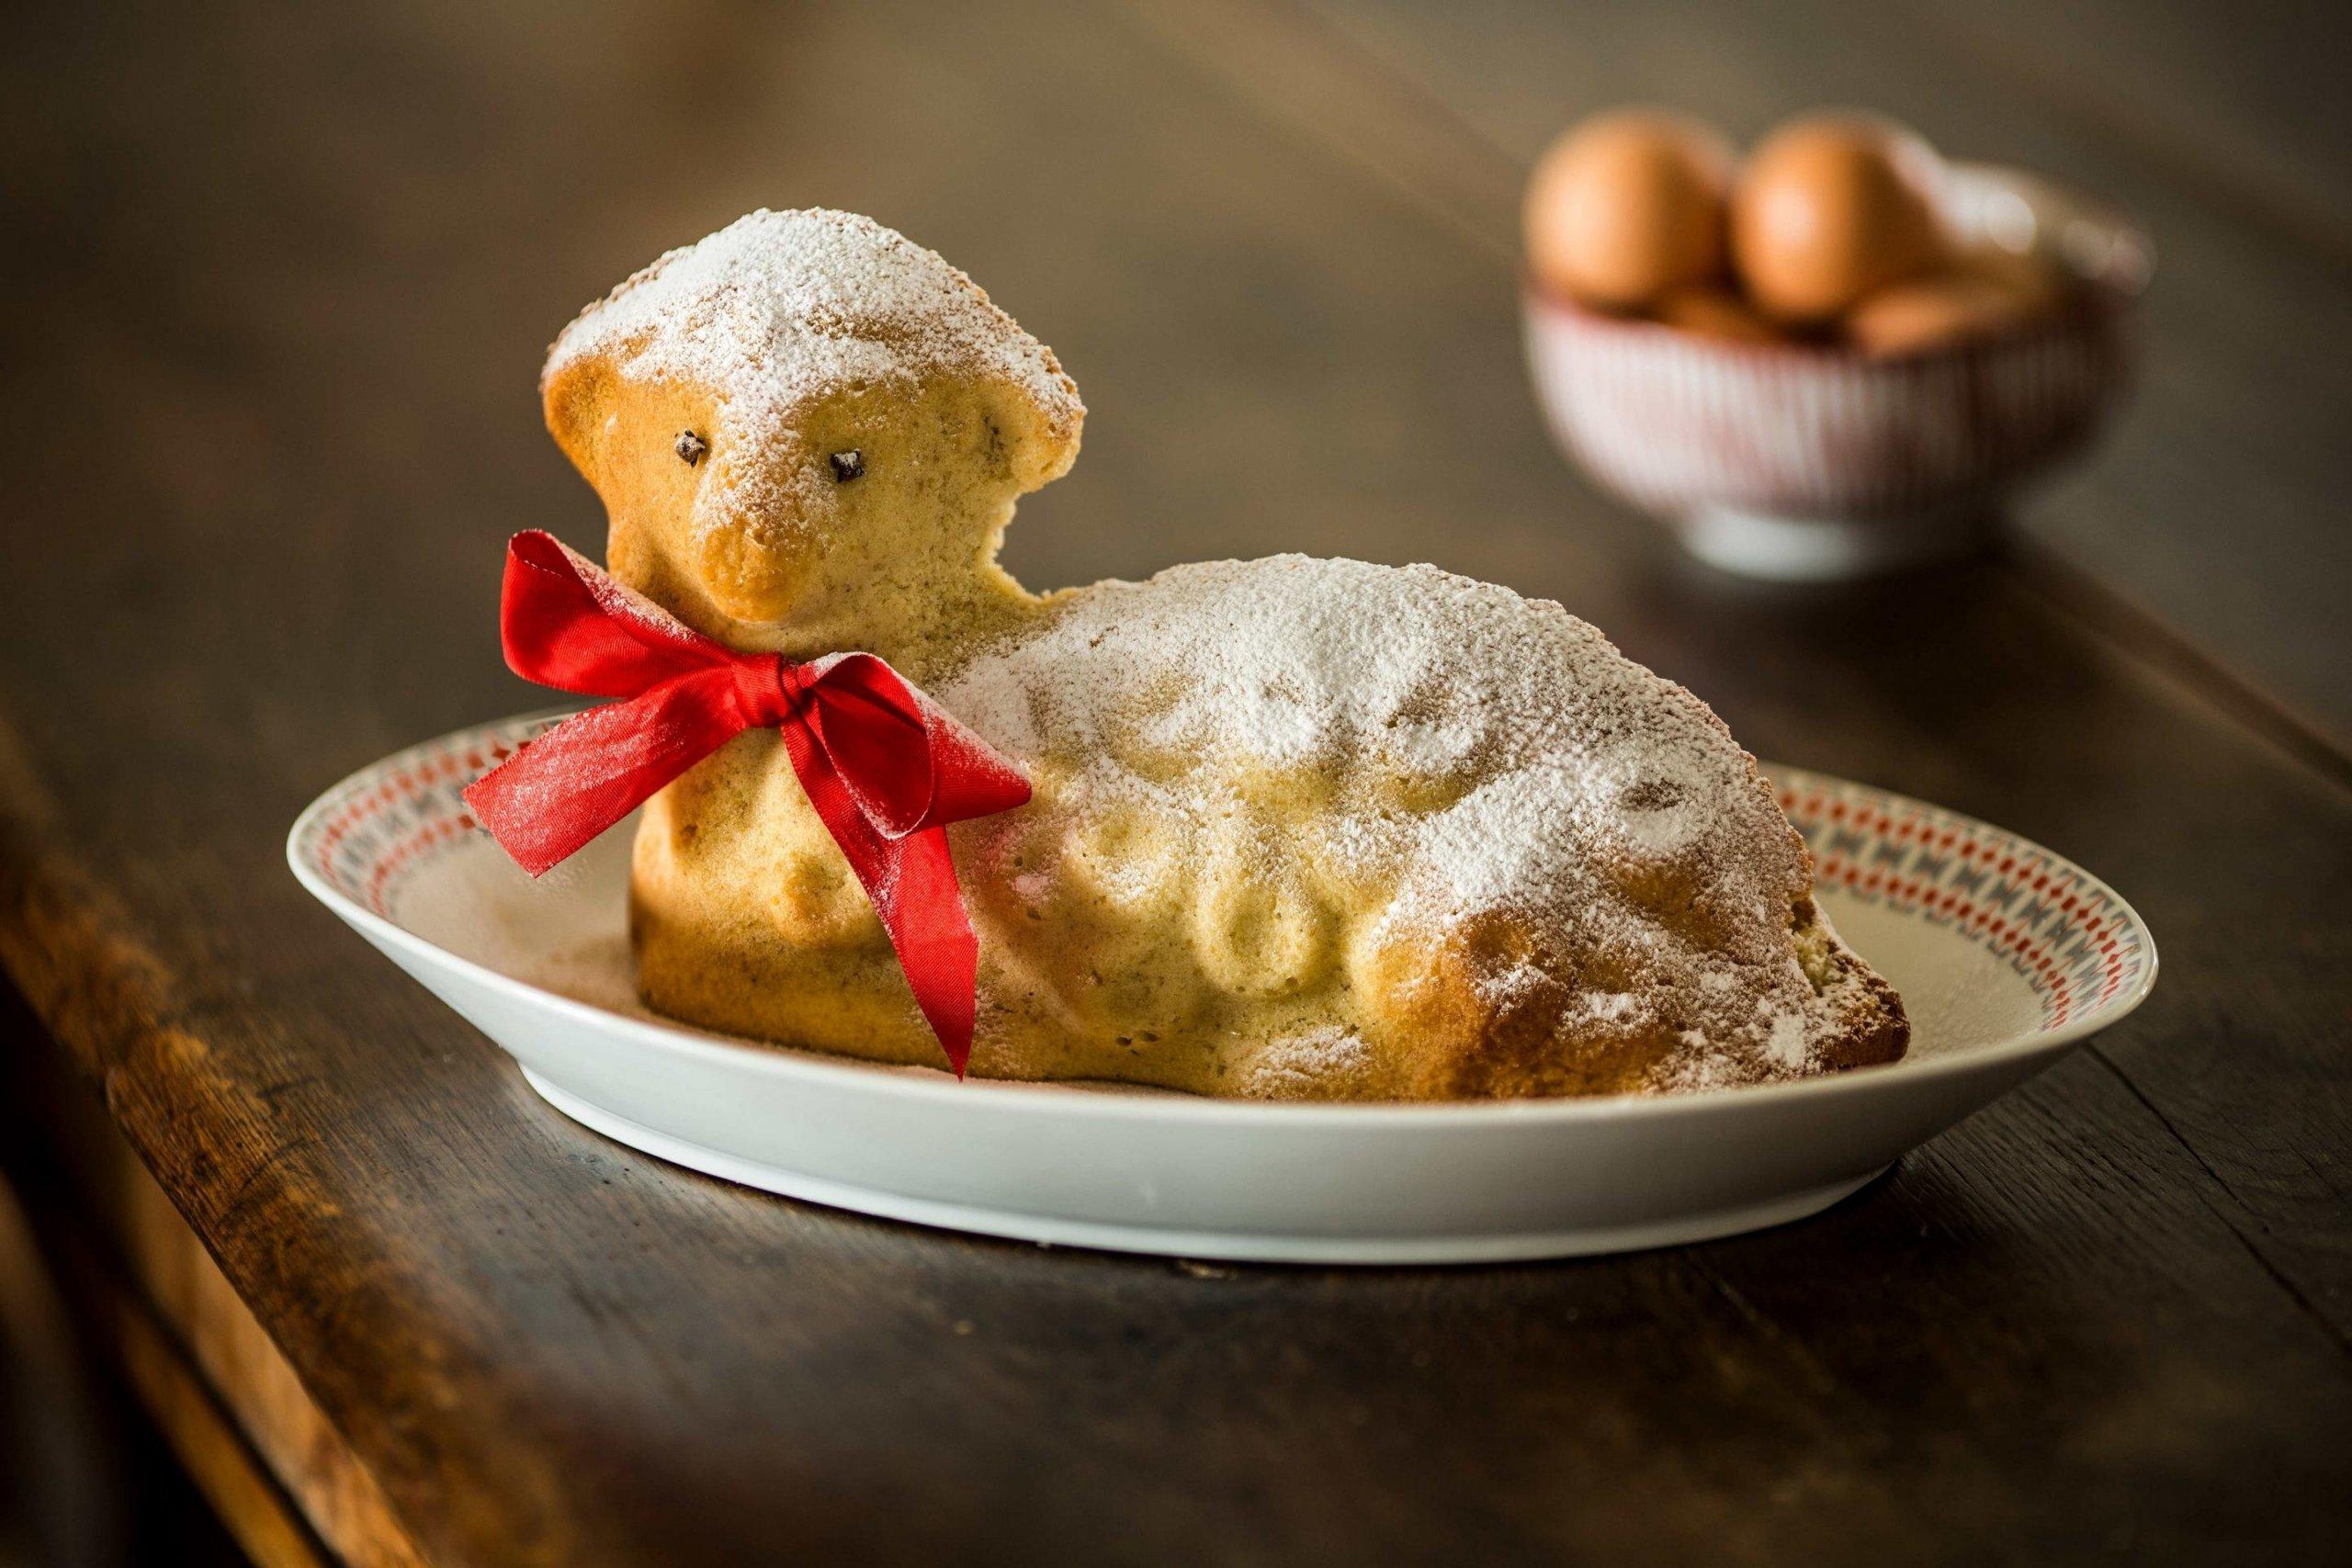 Velikonoce se blíží a s ním také zdobení domácnosti, nebo pečení sladkých dobrot. Tradičním velikonočním pokrmem je beránek pečený ze sladkého těsta, sypaný cukrem, nebo politý polevou. Receptů na něj existuje nespočet. Můžete jej upéct z třeného, piškotového, tvarohového, nebo dokonce mramorového těsta. Mám pro vás tradiční recept na beránka podle mé prababičky, který se u nás peče už léta.